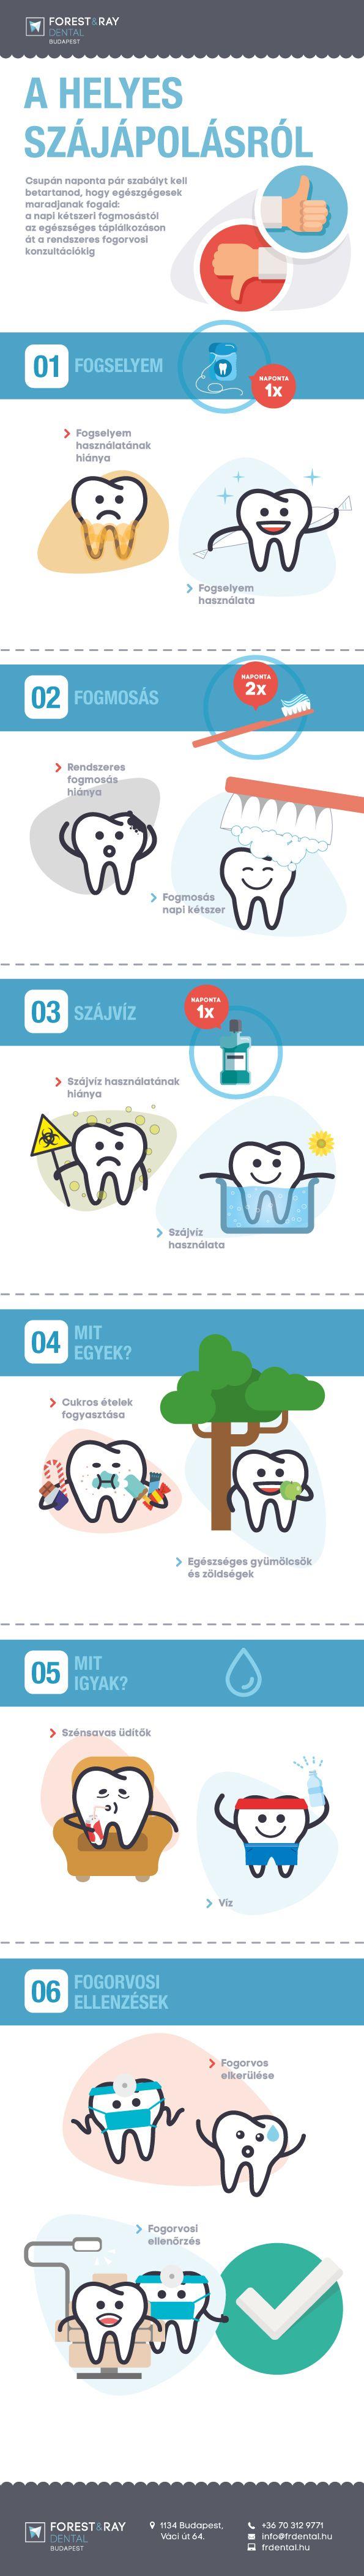 Szeretnéd, hogy a fogaid egész nap tündököljenek a tisztaságtól? Íme 6 tipp az egészséges fogakért. #fogászat #fogorvos #fog #szájhigiénia